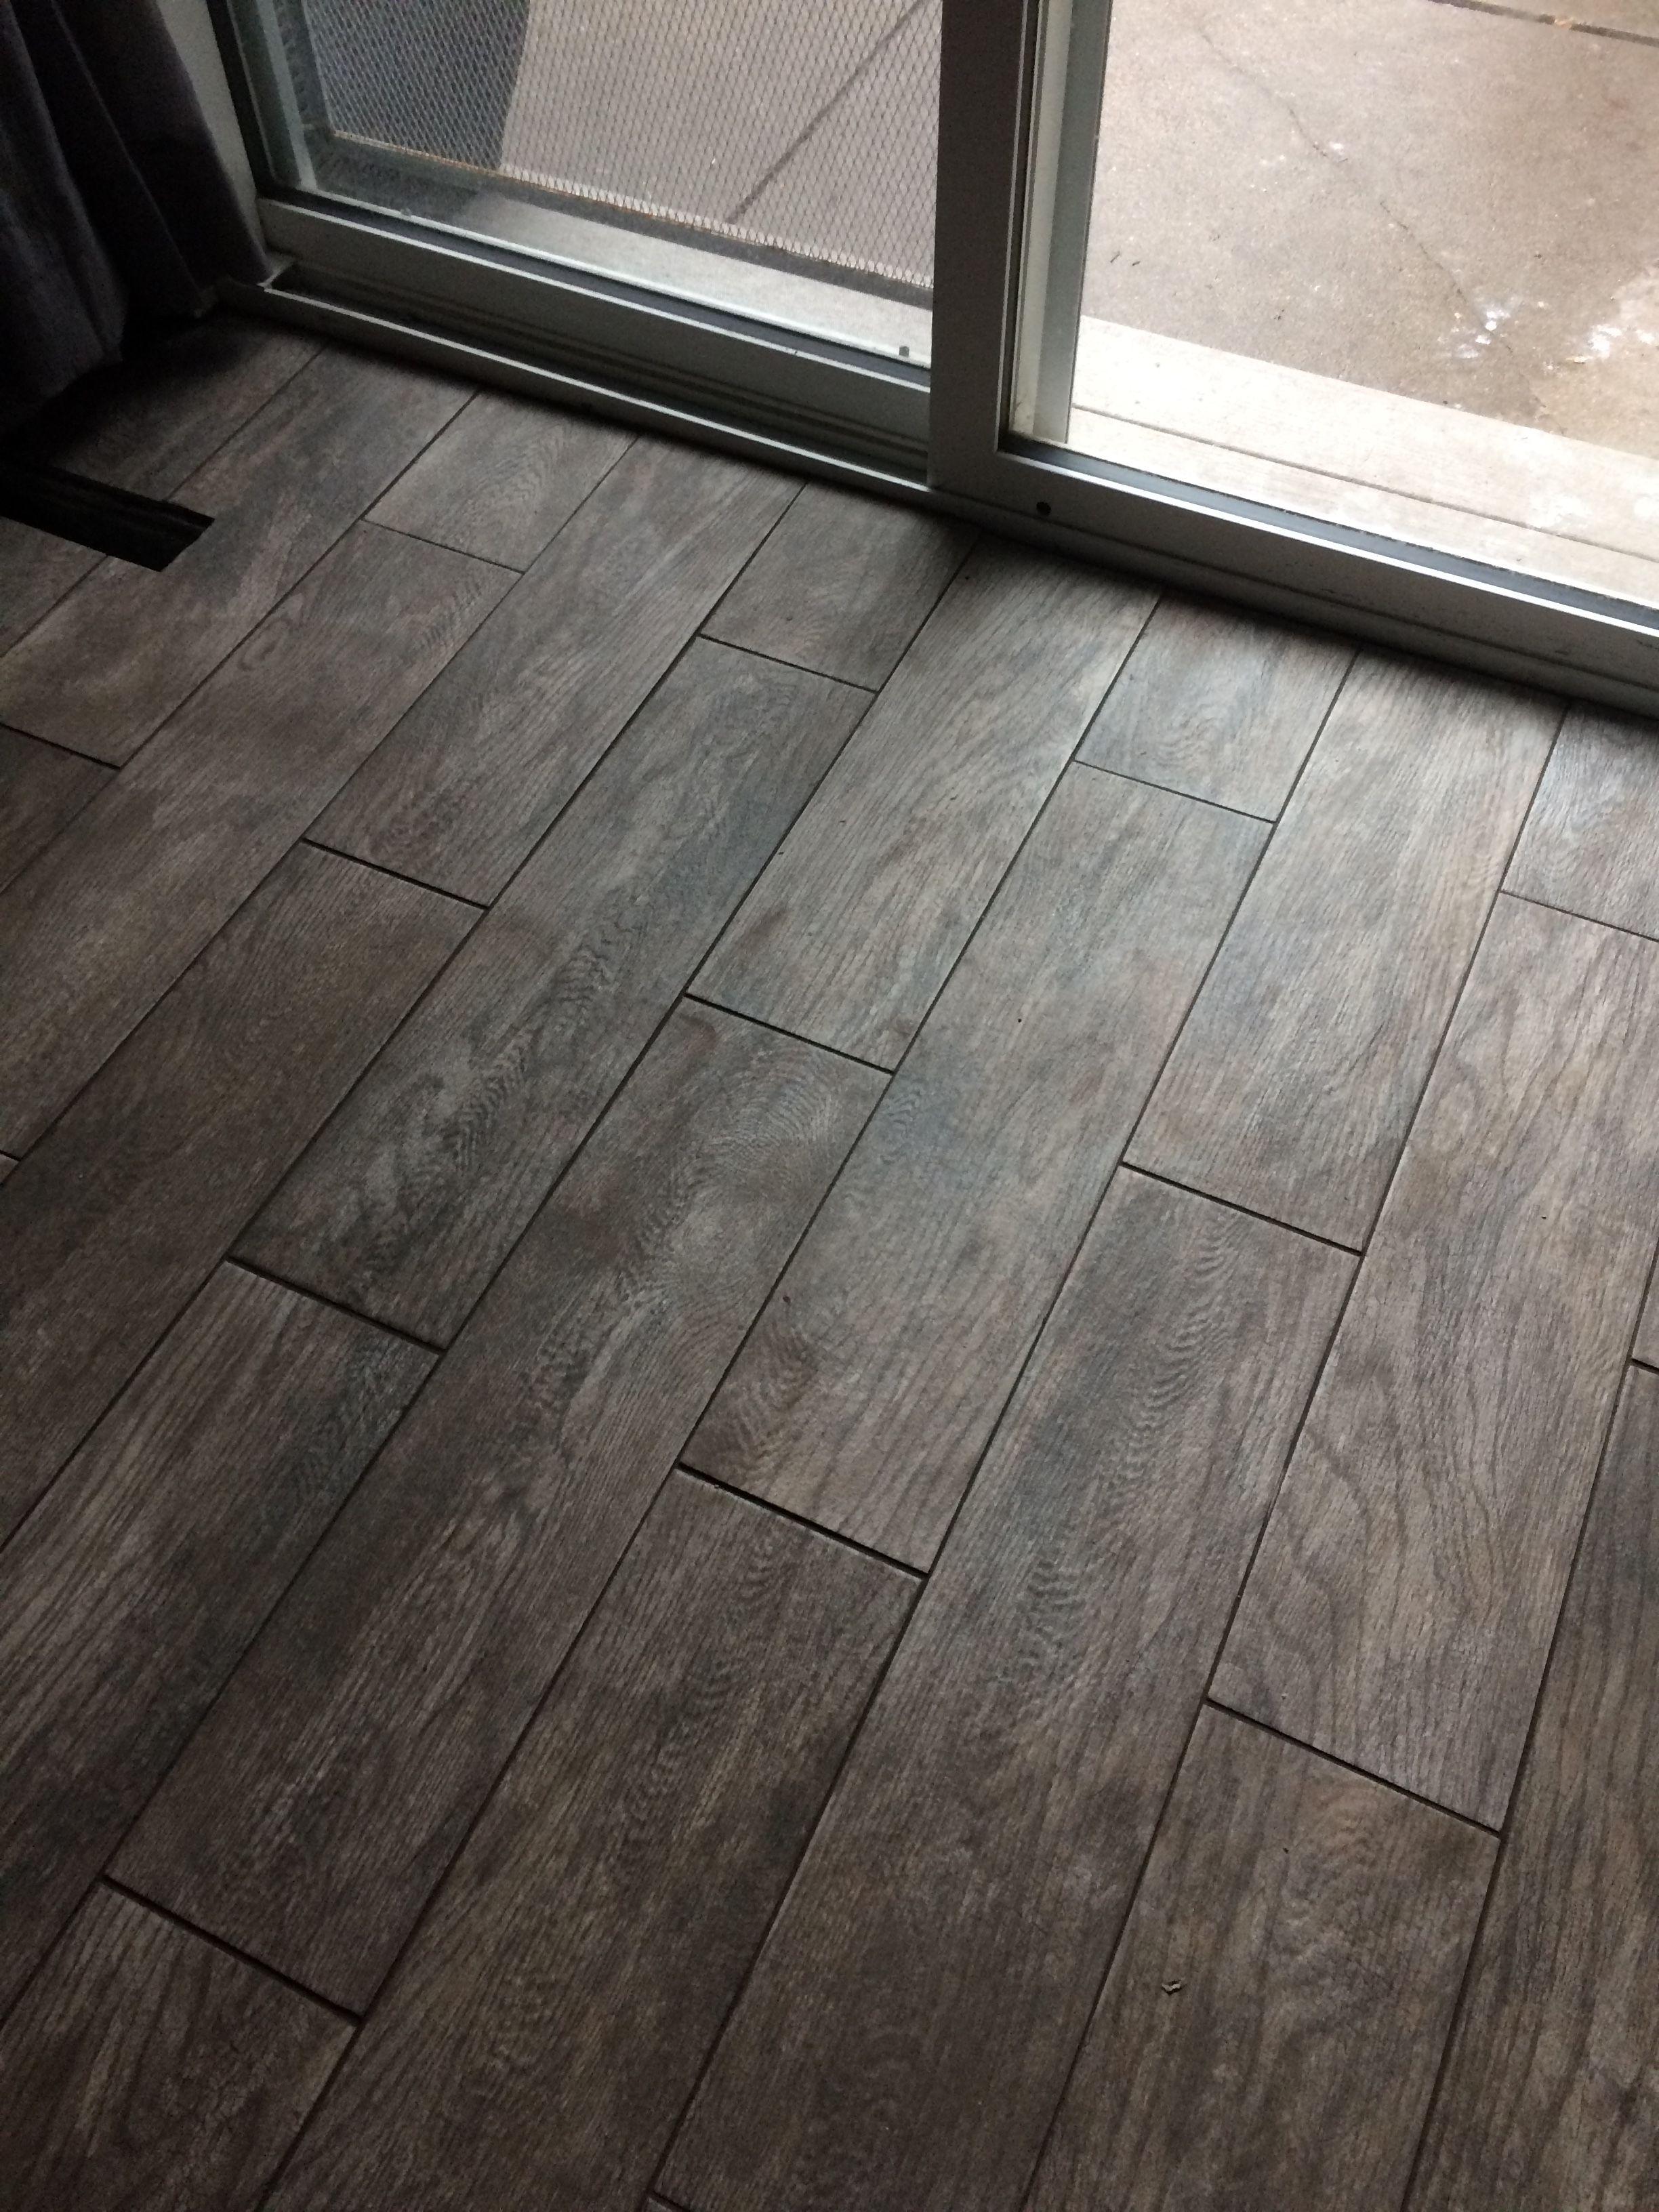 Rustic Bay Porcelain Tile From Home Depot Home Depot Carpet Rugs On Carpet Carpet Design